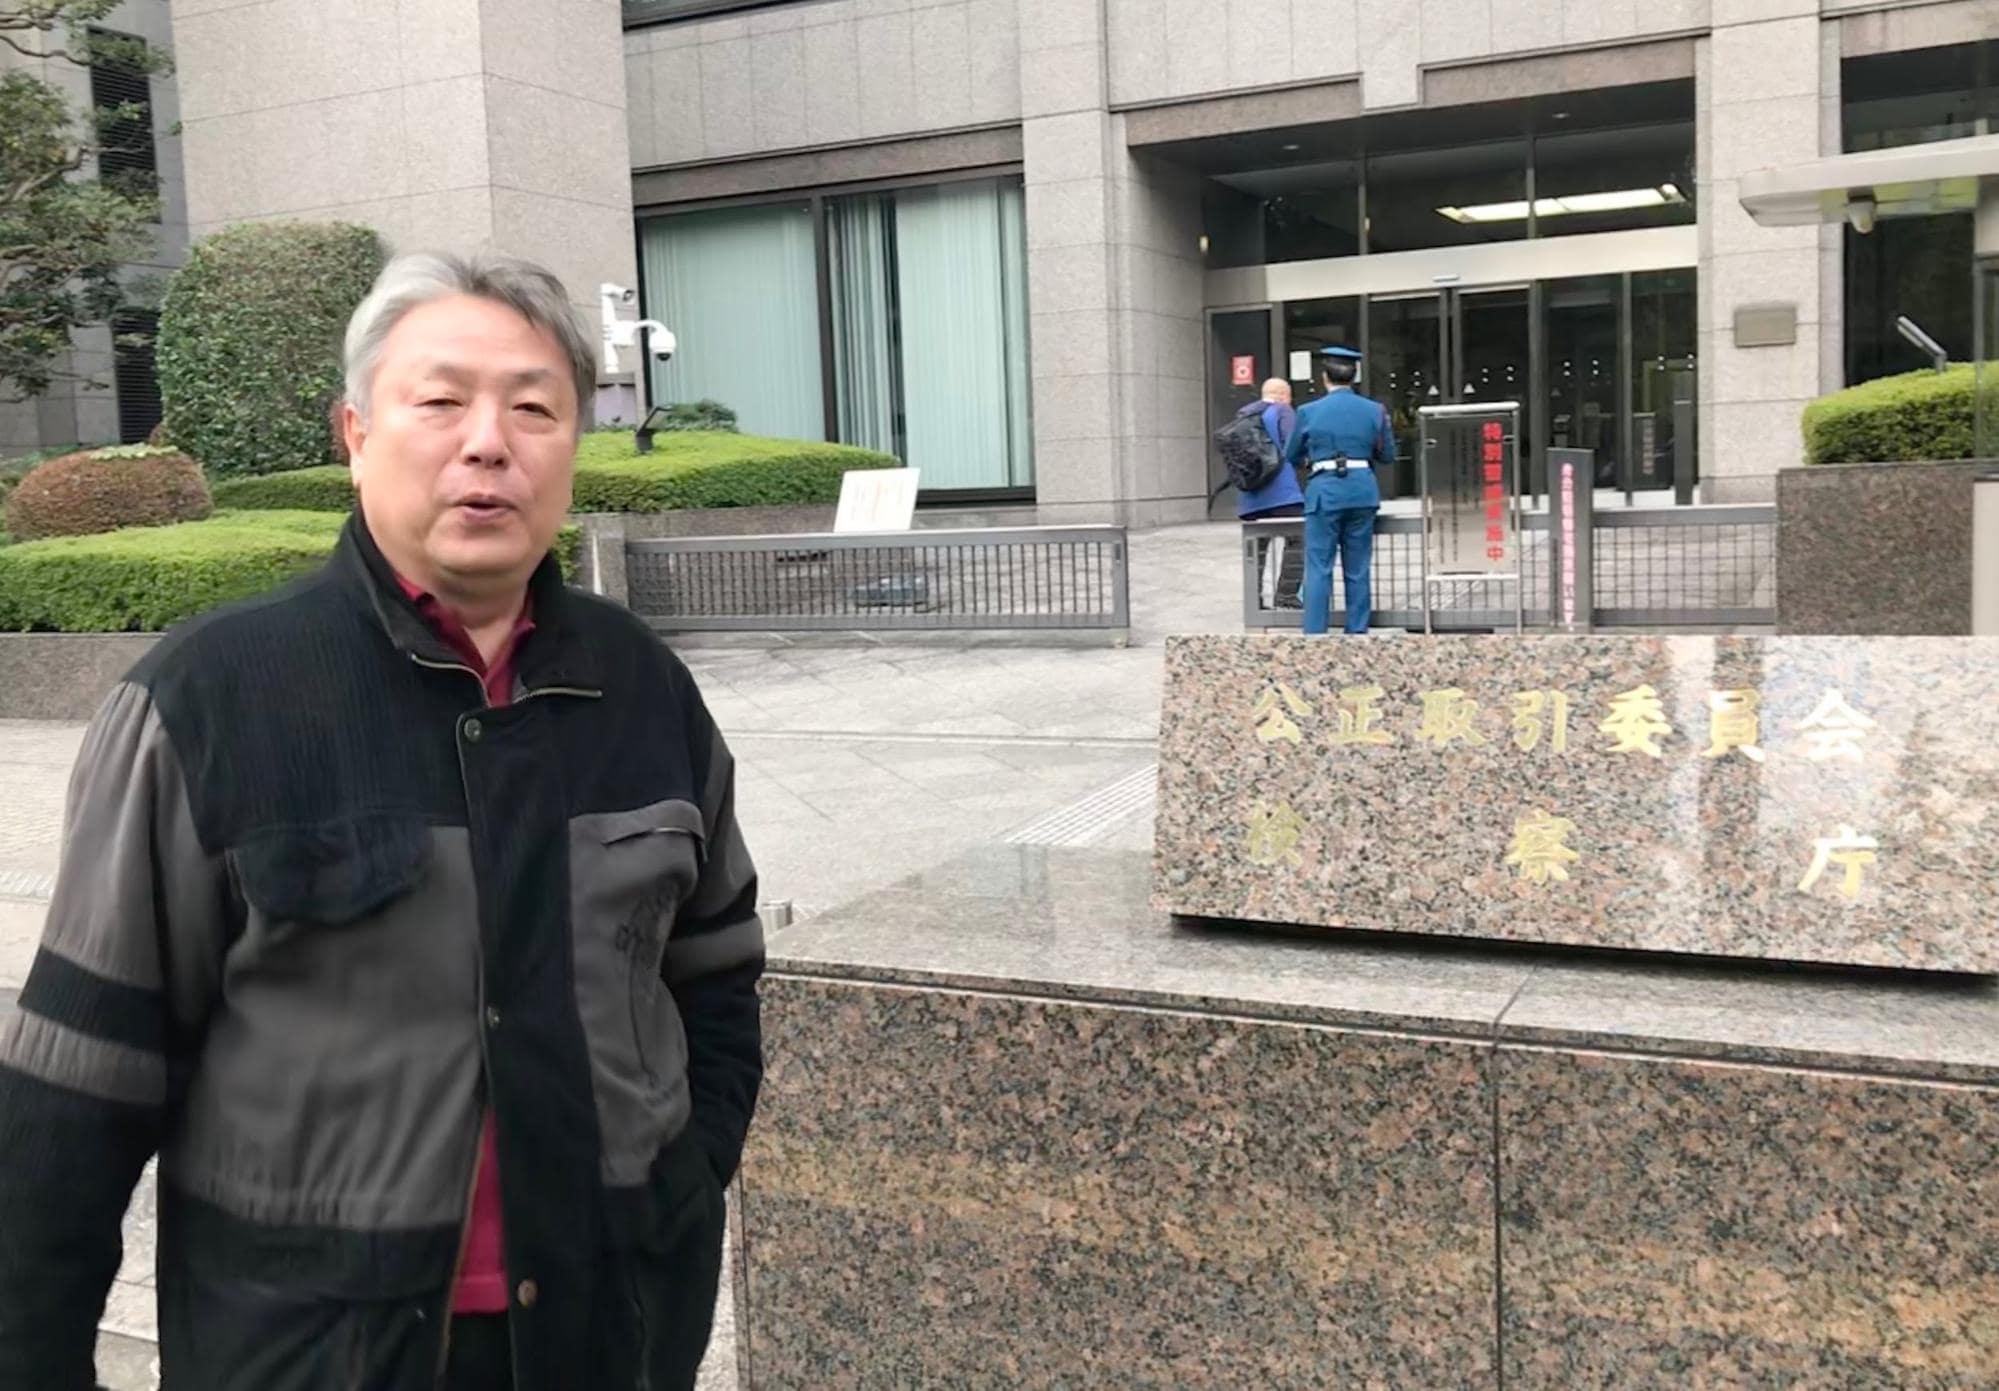 公正取引委員会によるコンビニ問題の調査にあたりヒアリングに参加する松本オーナー(2019年11月撮影)